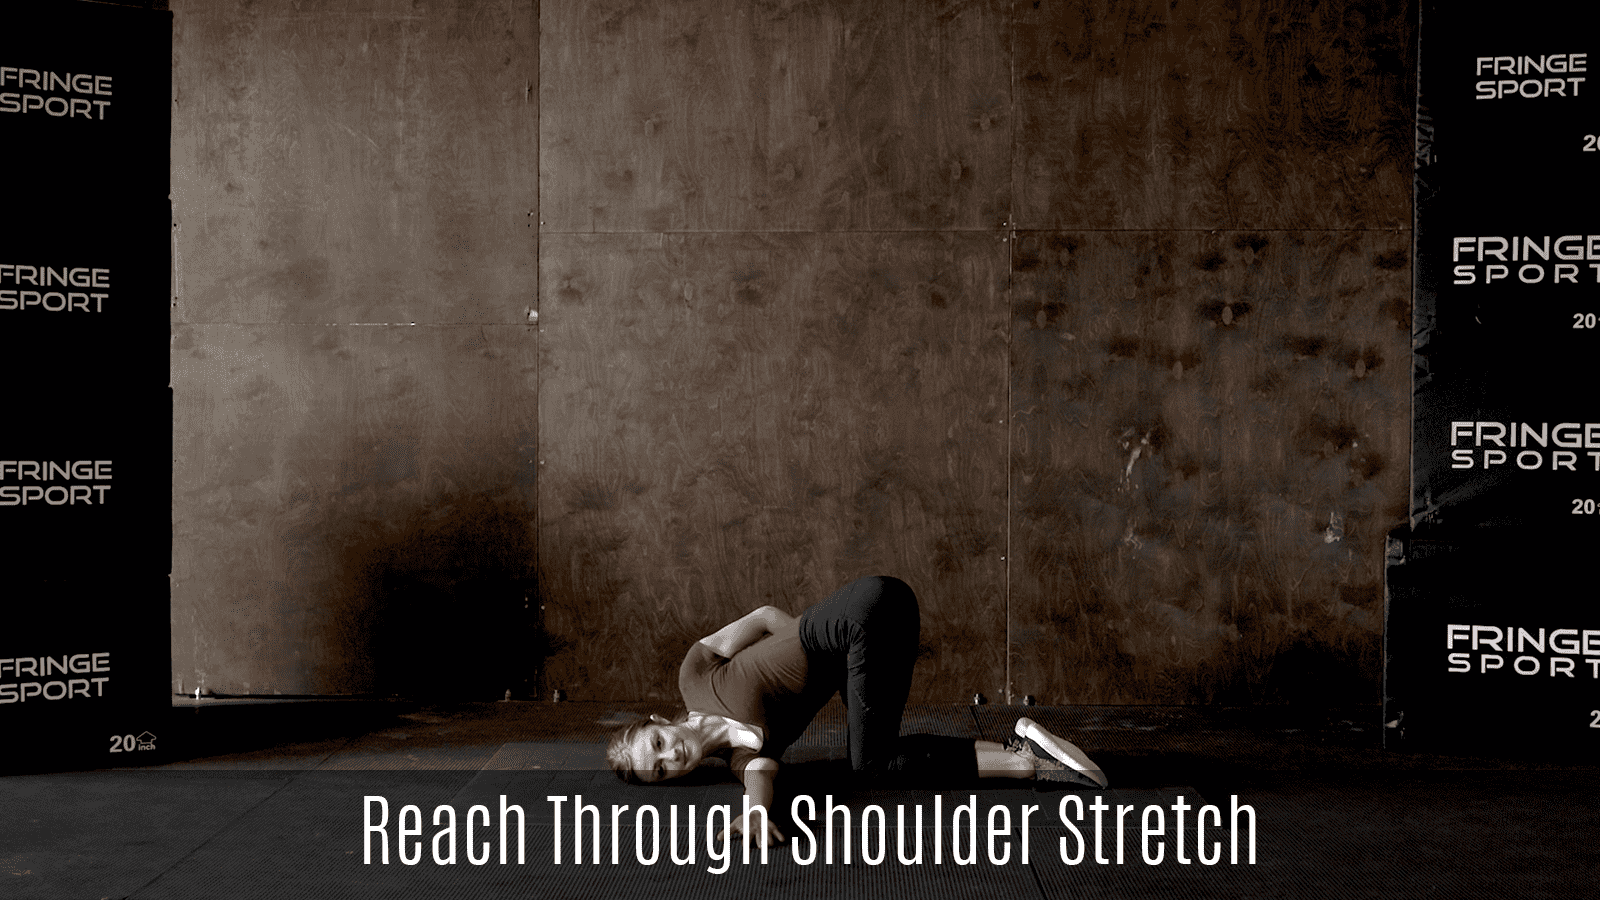 reach through shoulder stretch demo lying on floor